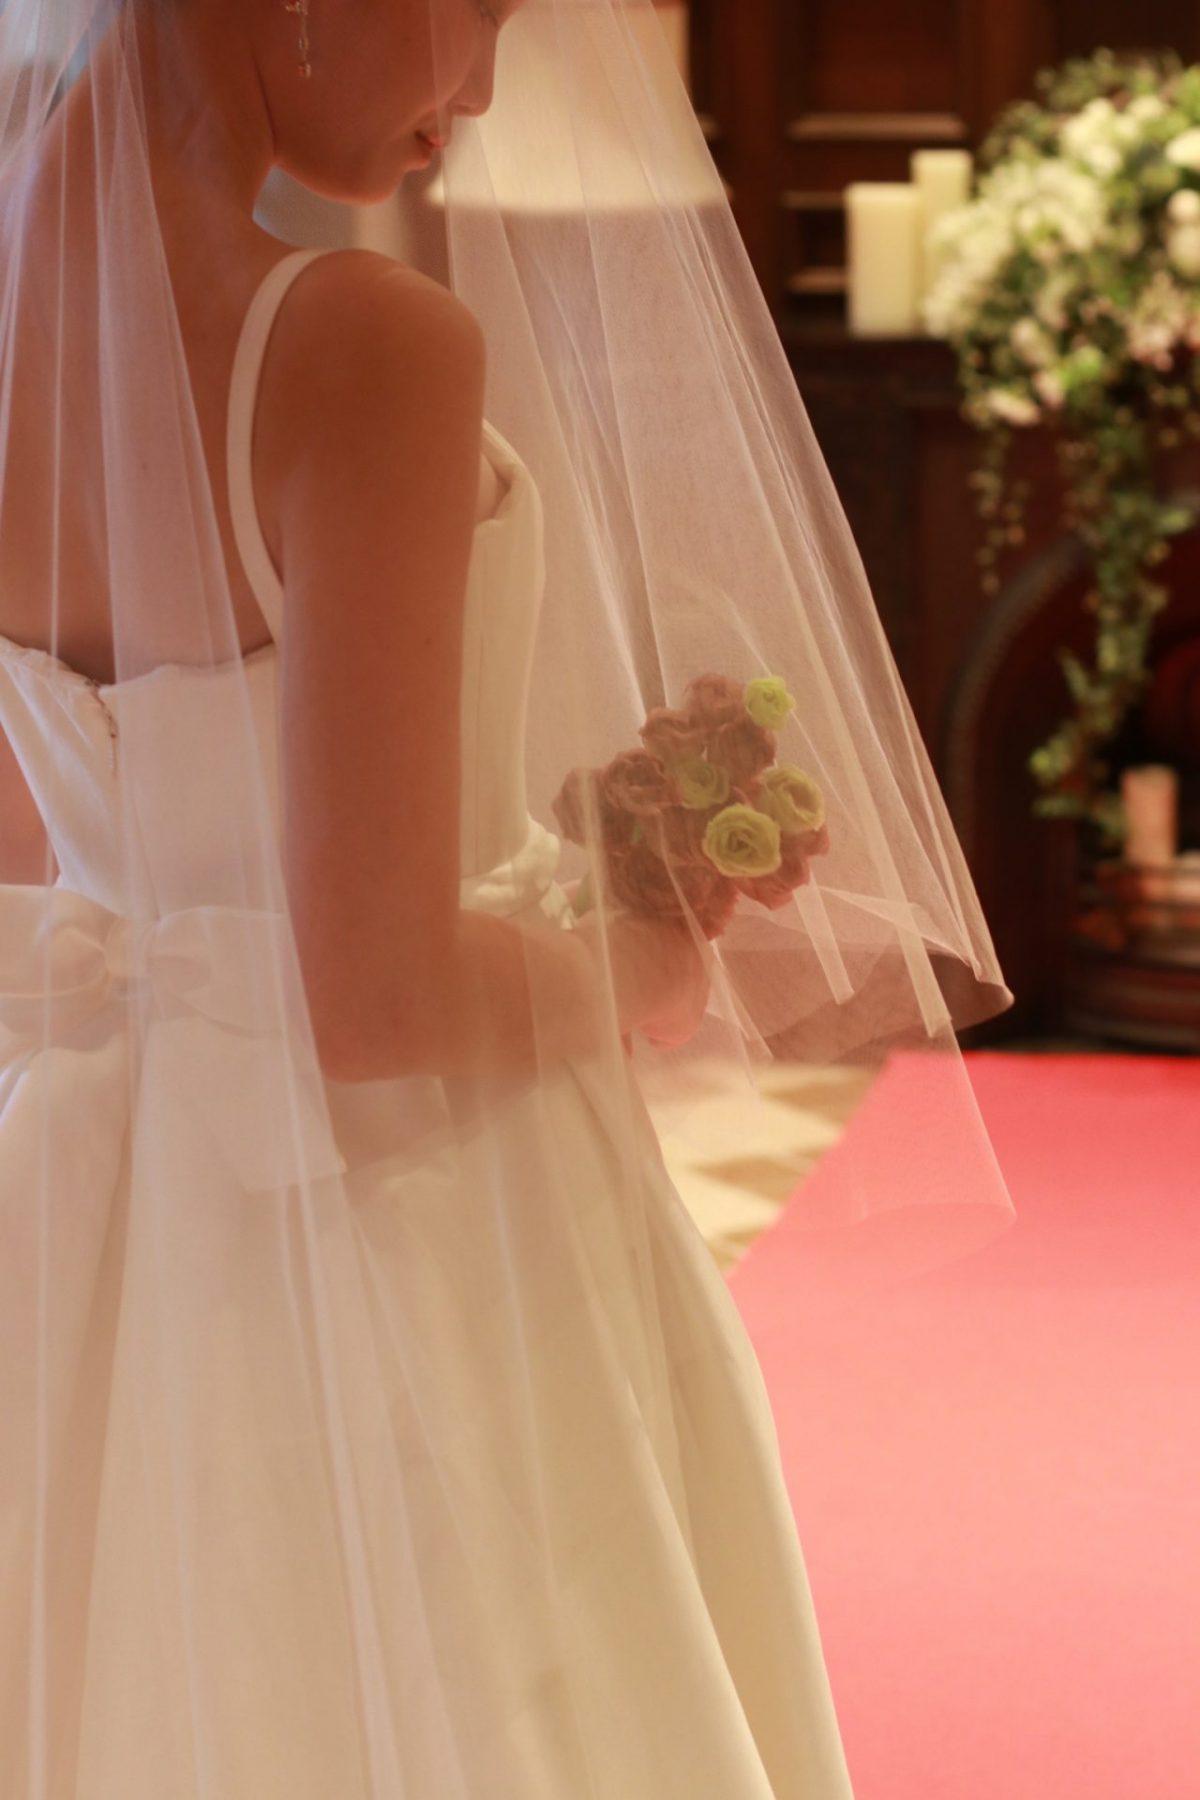 ザトリートドレッシングアディション店の提携会場赤坂プリンスクラシックハウスにはキャロリーナへレラのシンプルでエレガント、そしていつの時代も愛されるタイムレスなウェディングドレスがぴったりです